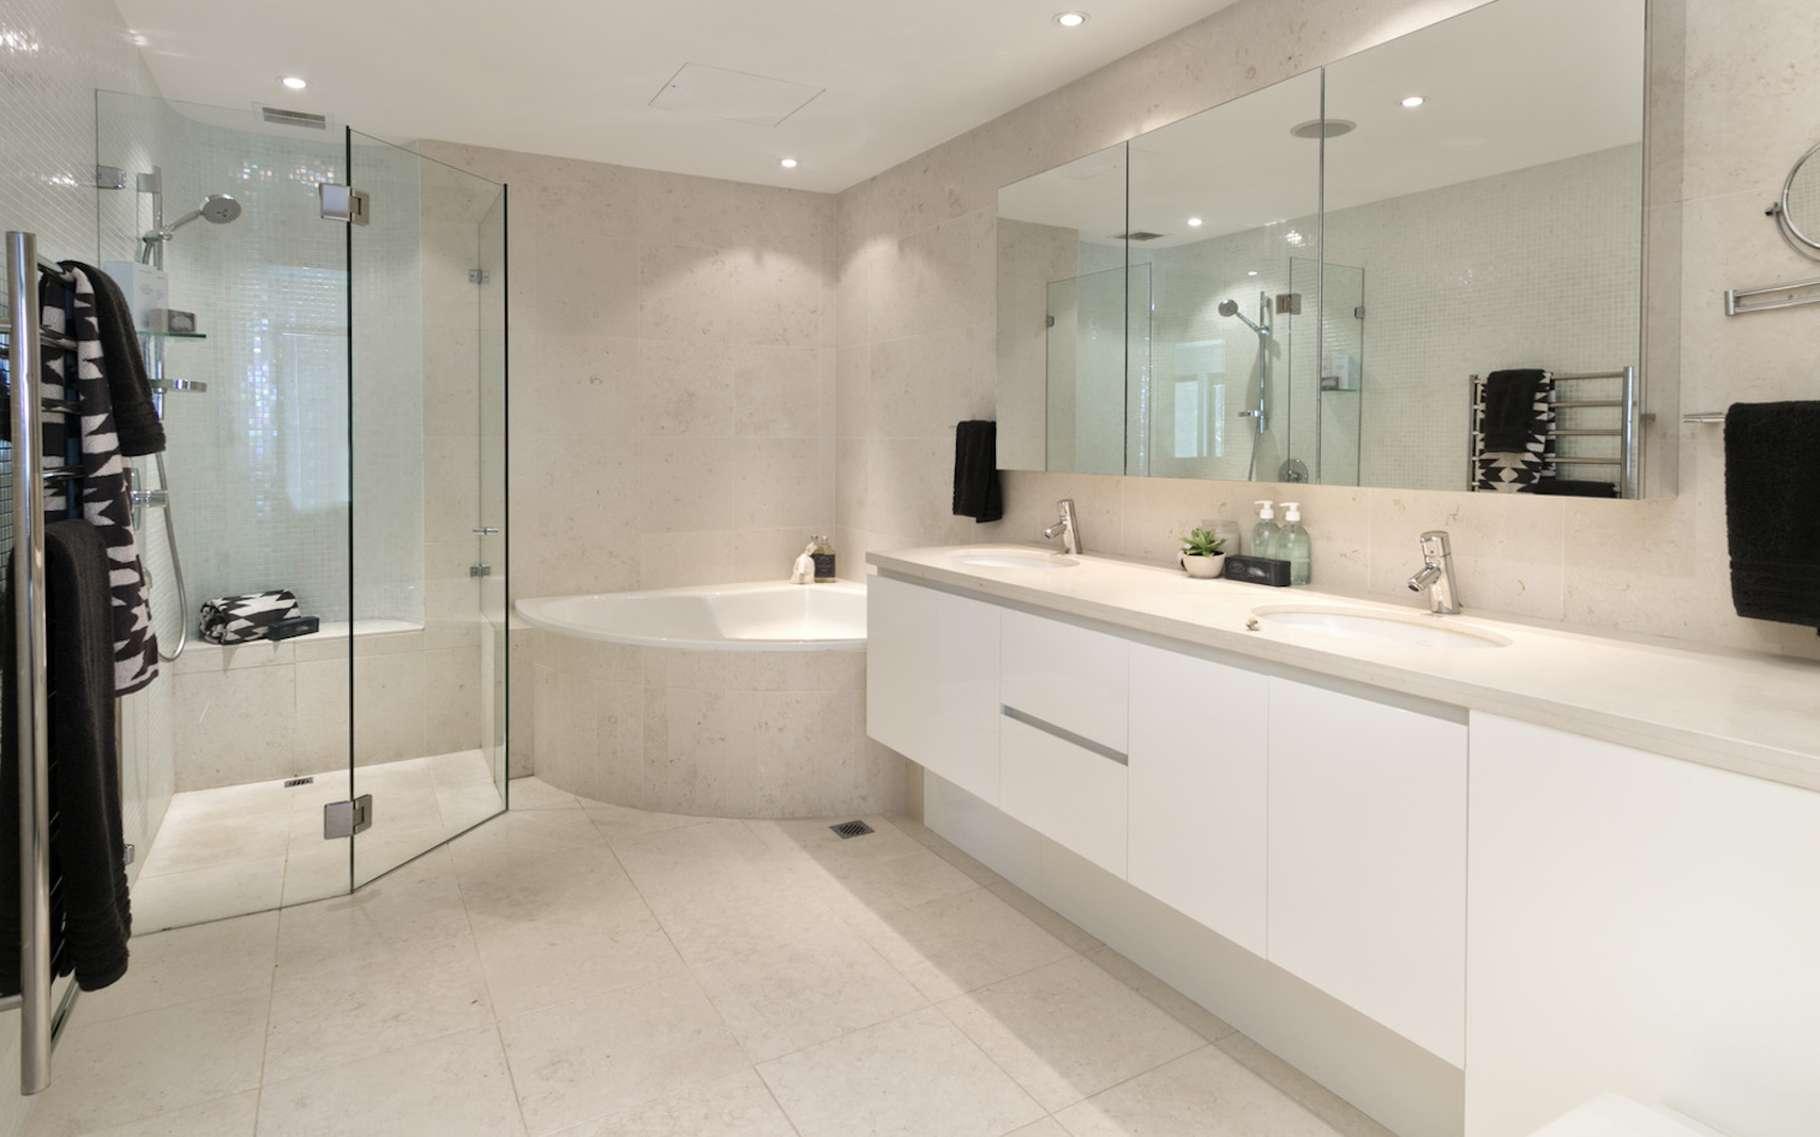 Le Hips, ou polystyrène-choc, est un polymère que l'on retrouve par exemple, dans les salles de bain (tablier de baignoire, parois de douche, articles sanitaires divers, etc.). © yurmary, Fotolia